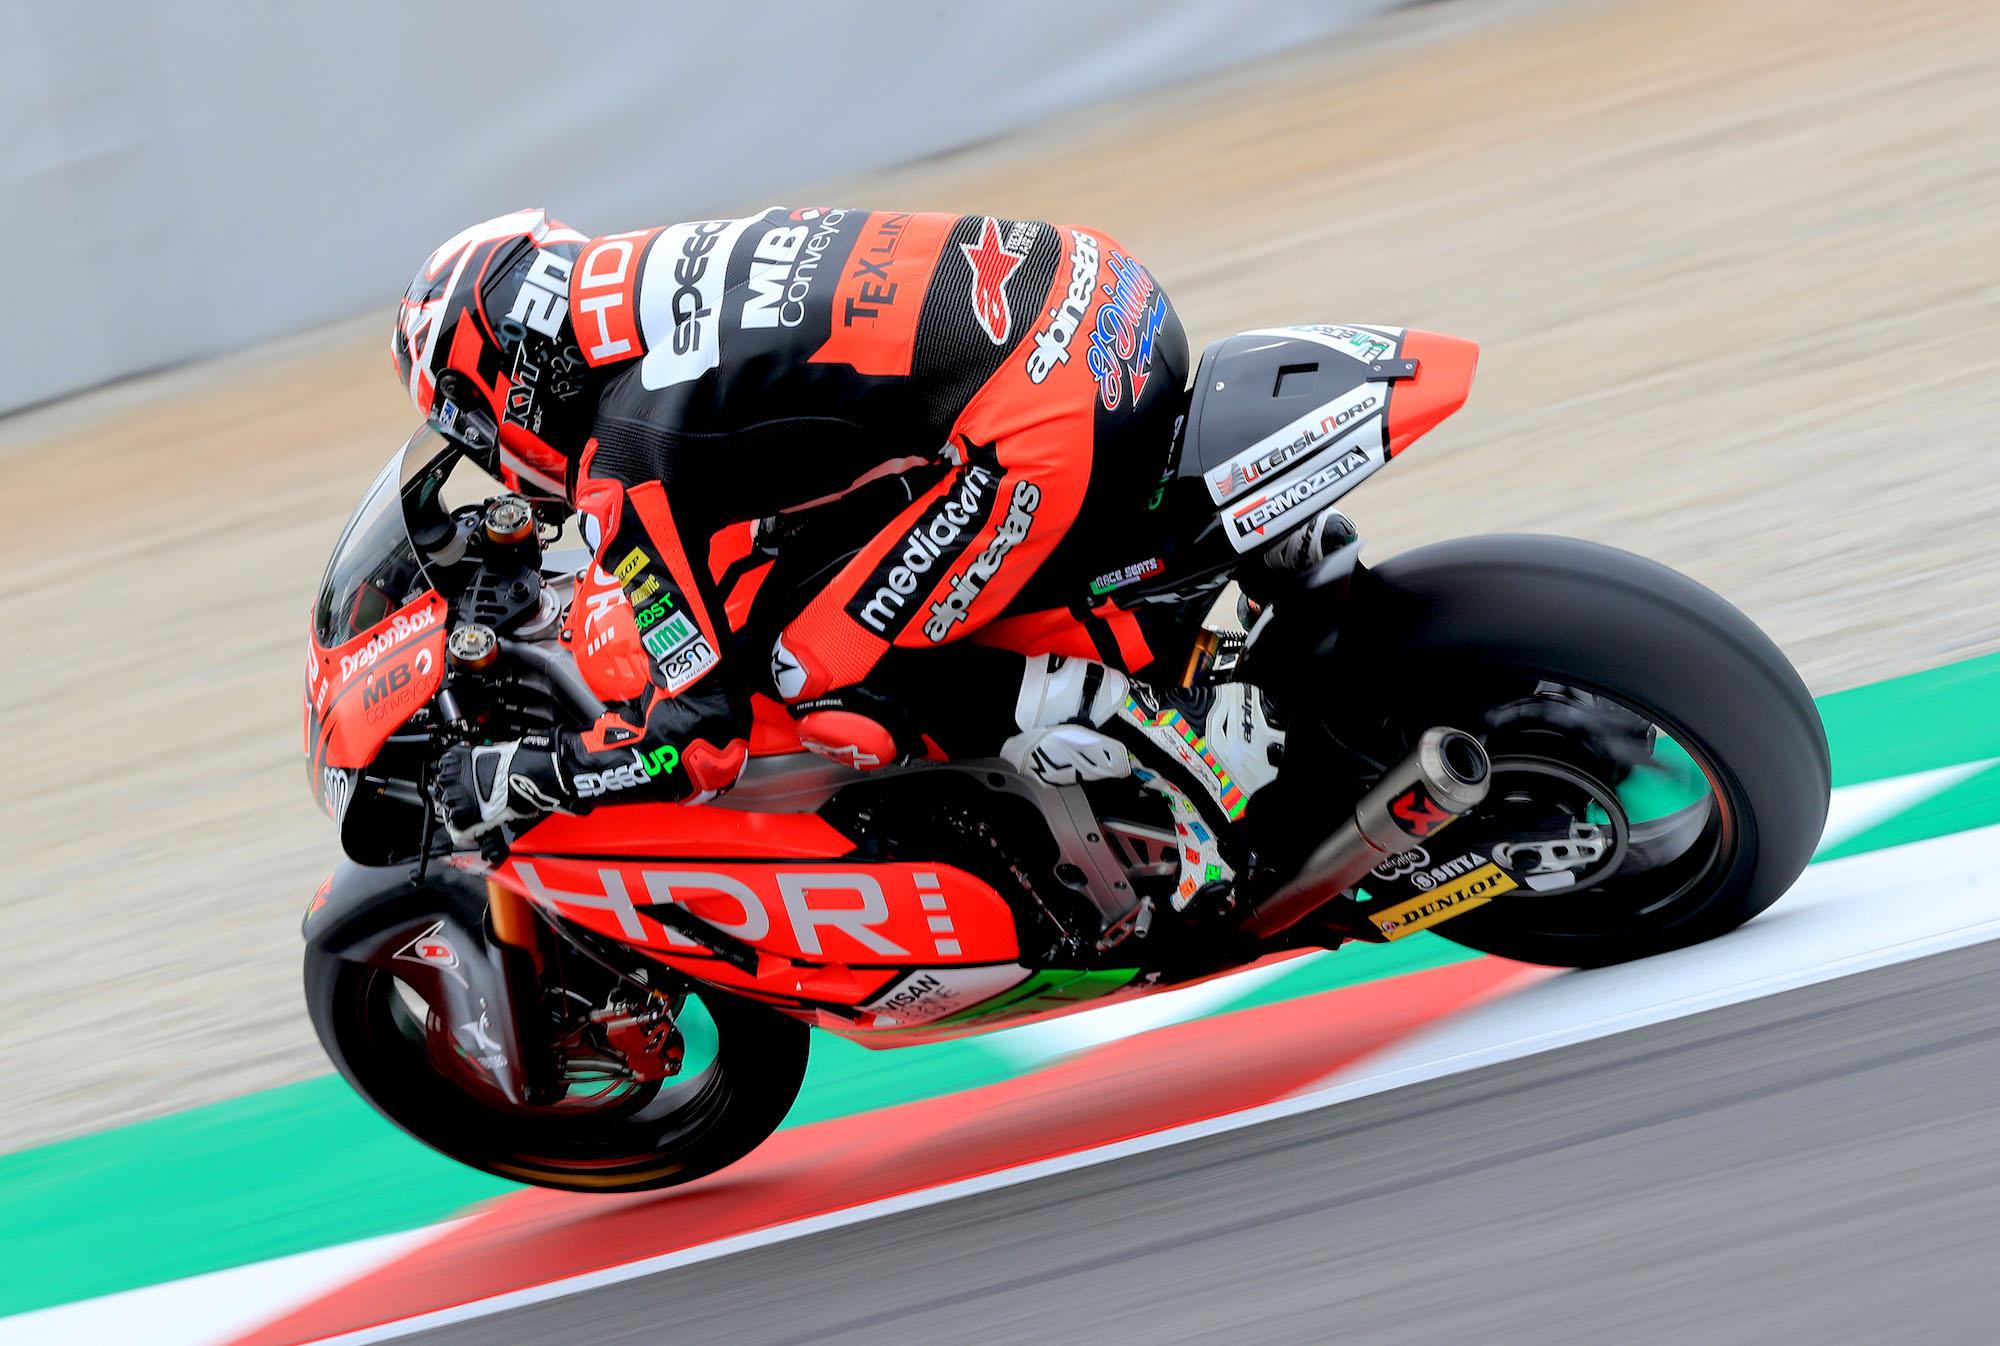 Fabio Quartararo alcanza su primera pole position en Moto2